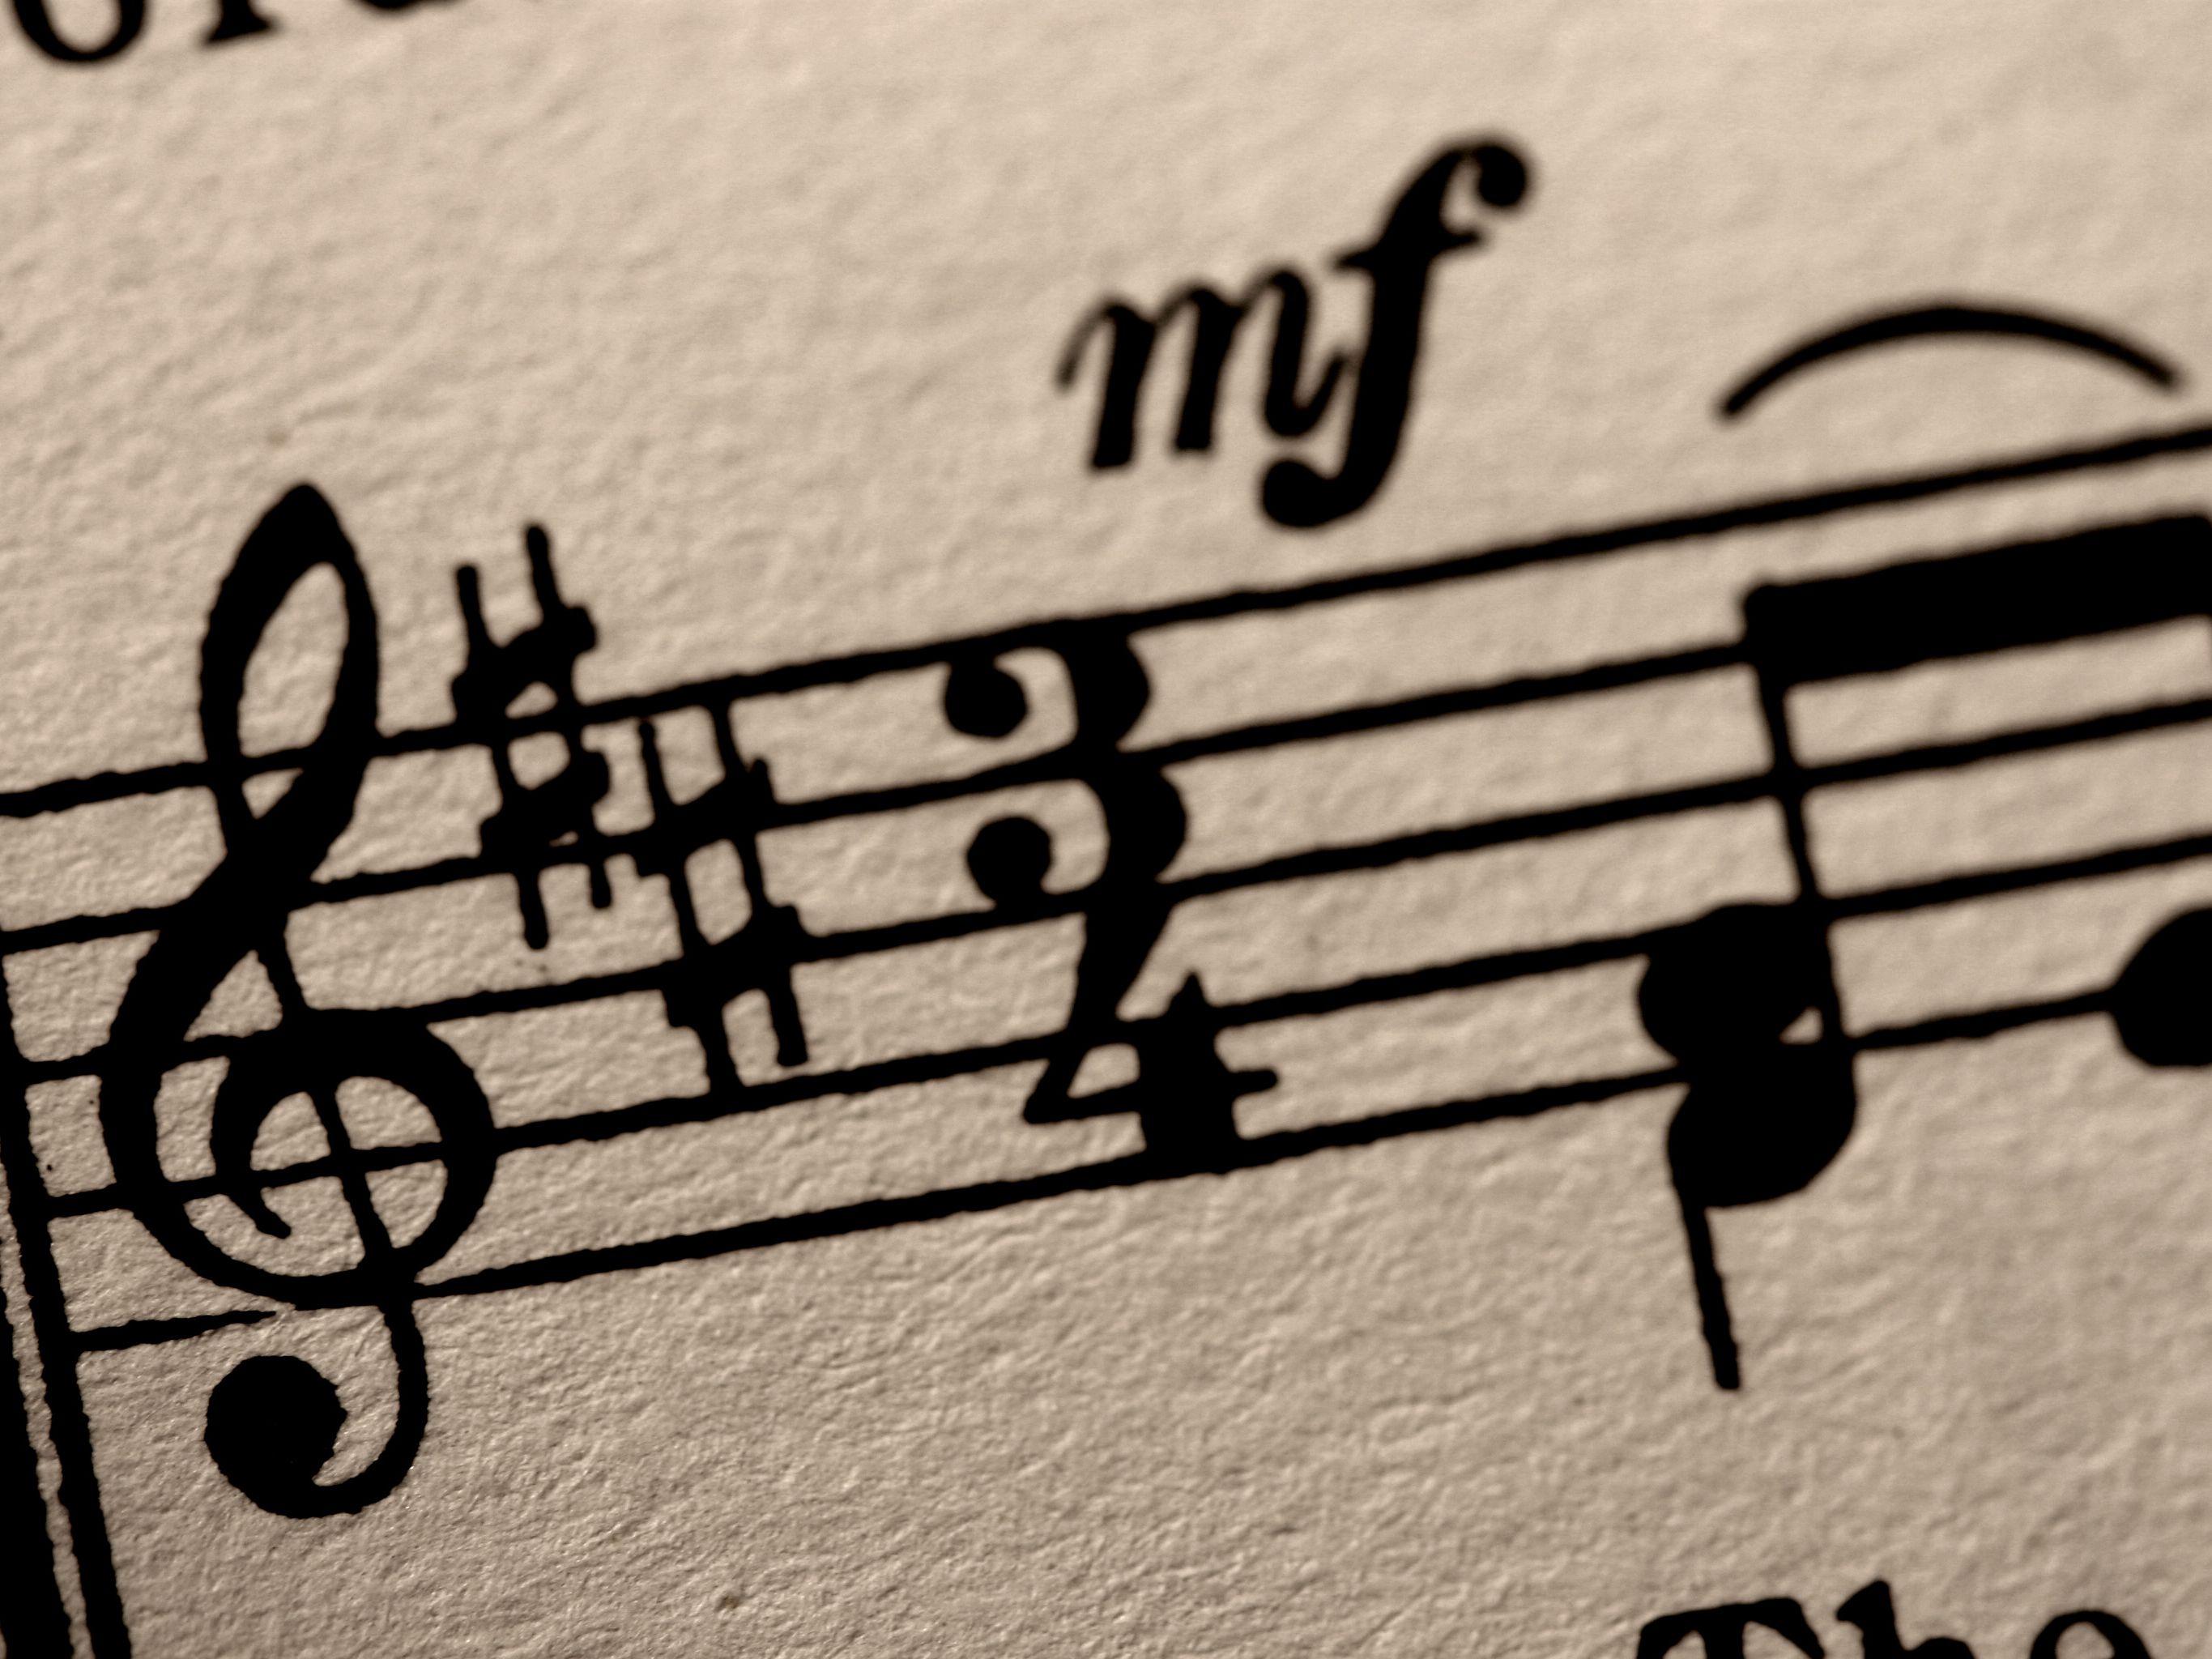 Understanding Basic Beats and Meter